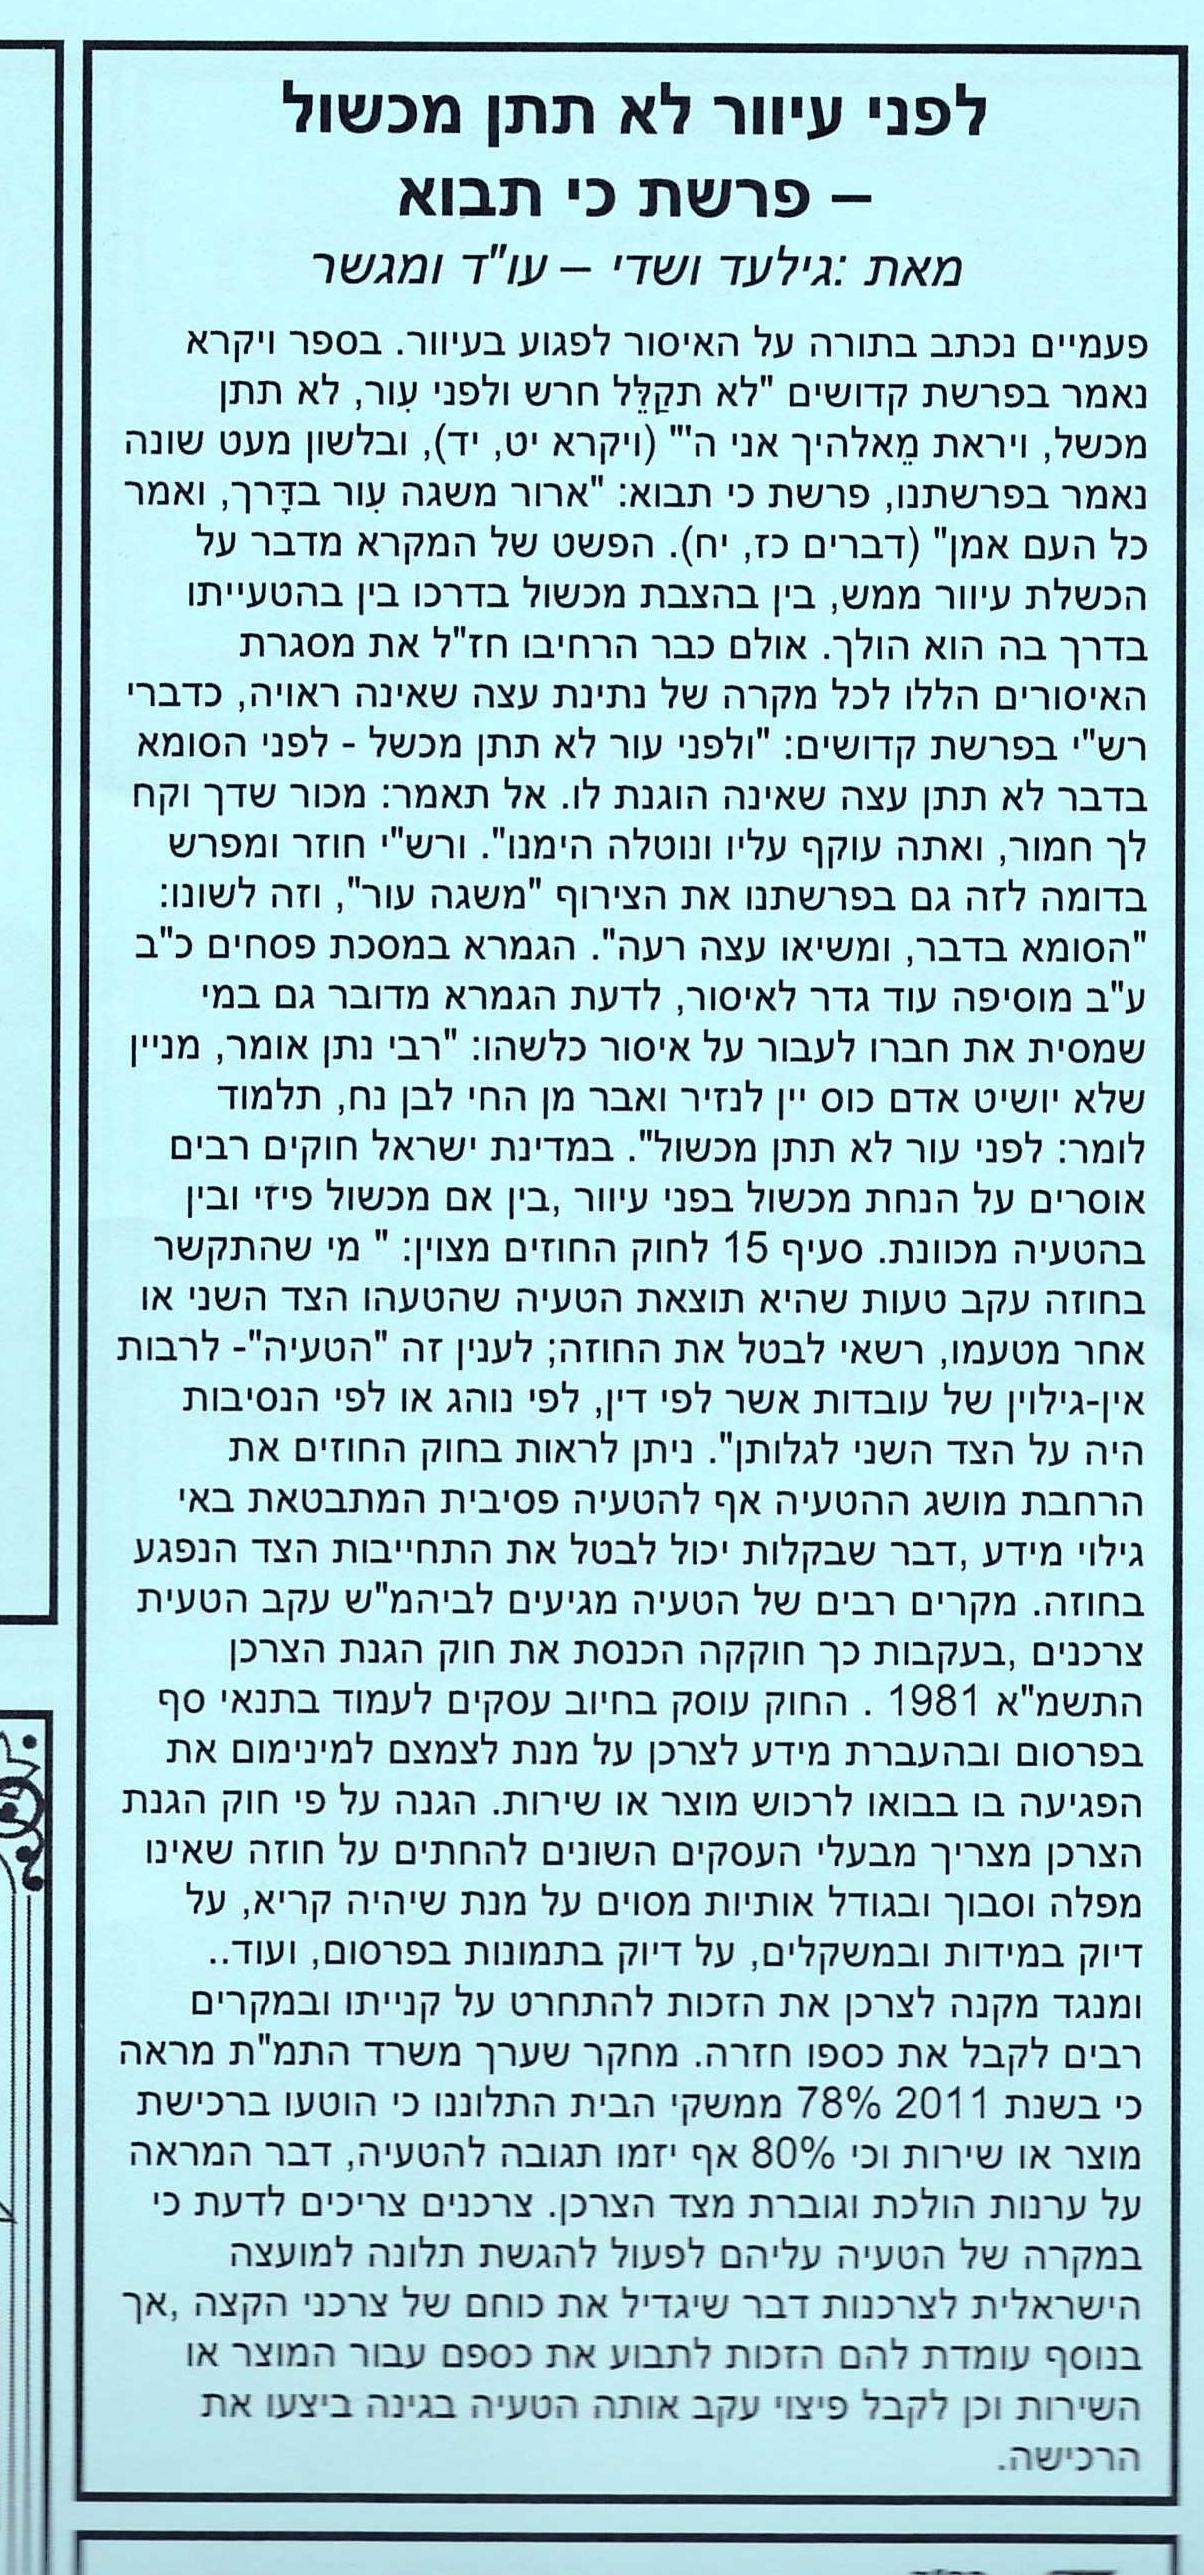 הכשלת עיוור בתורה ובחוק הישראלי